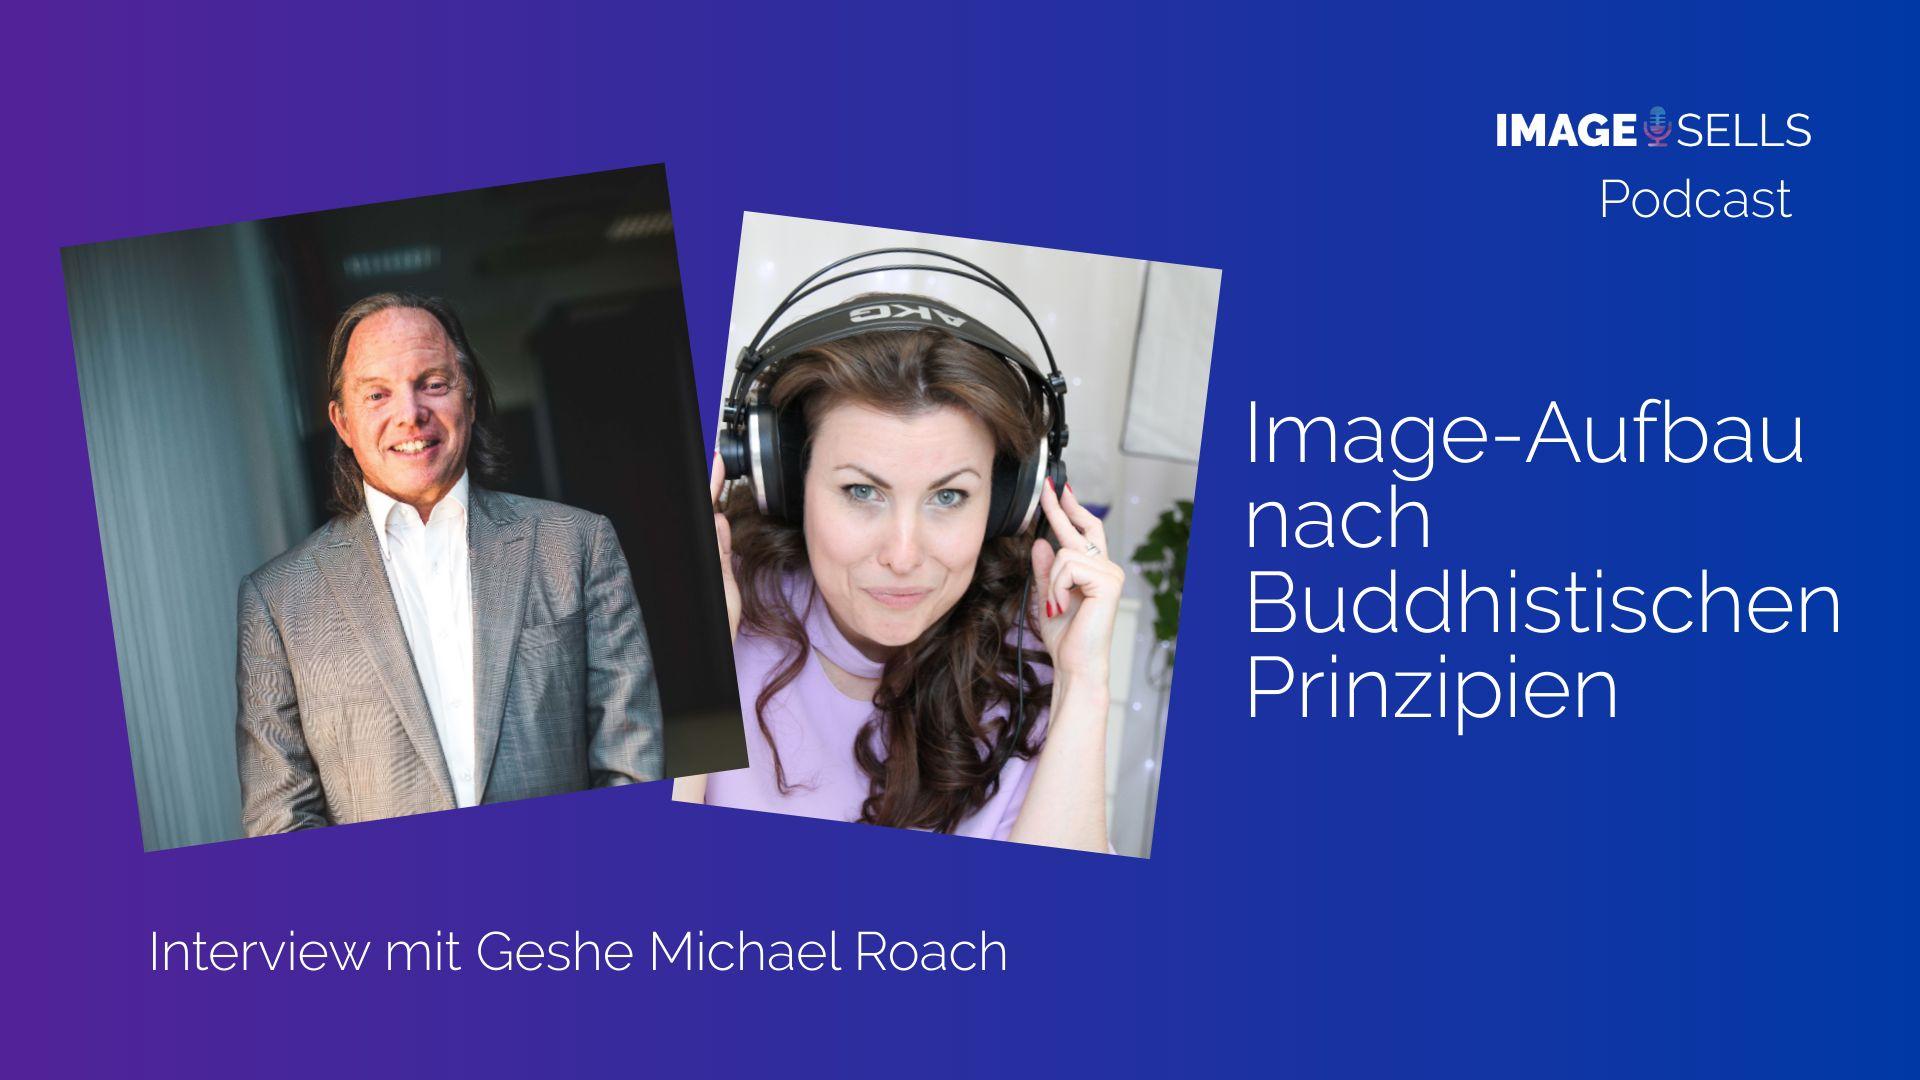 Imageaufbau nach Buddhistischen Prinzipien mit Geshe Michael Roach – ISP #050